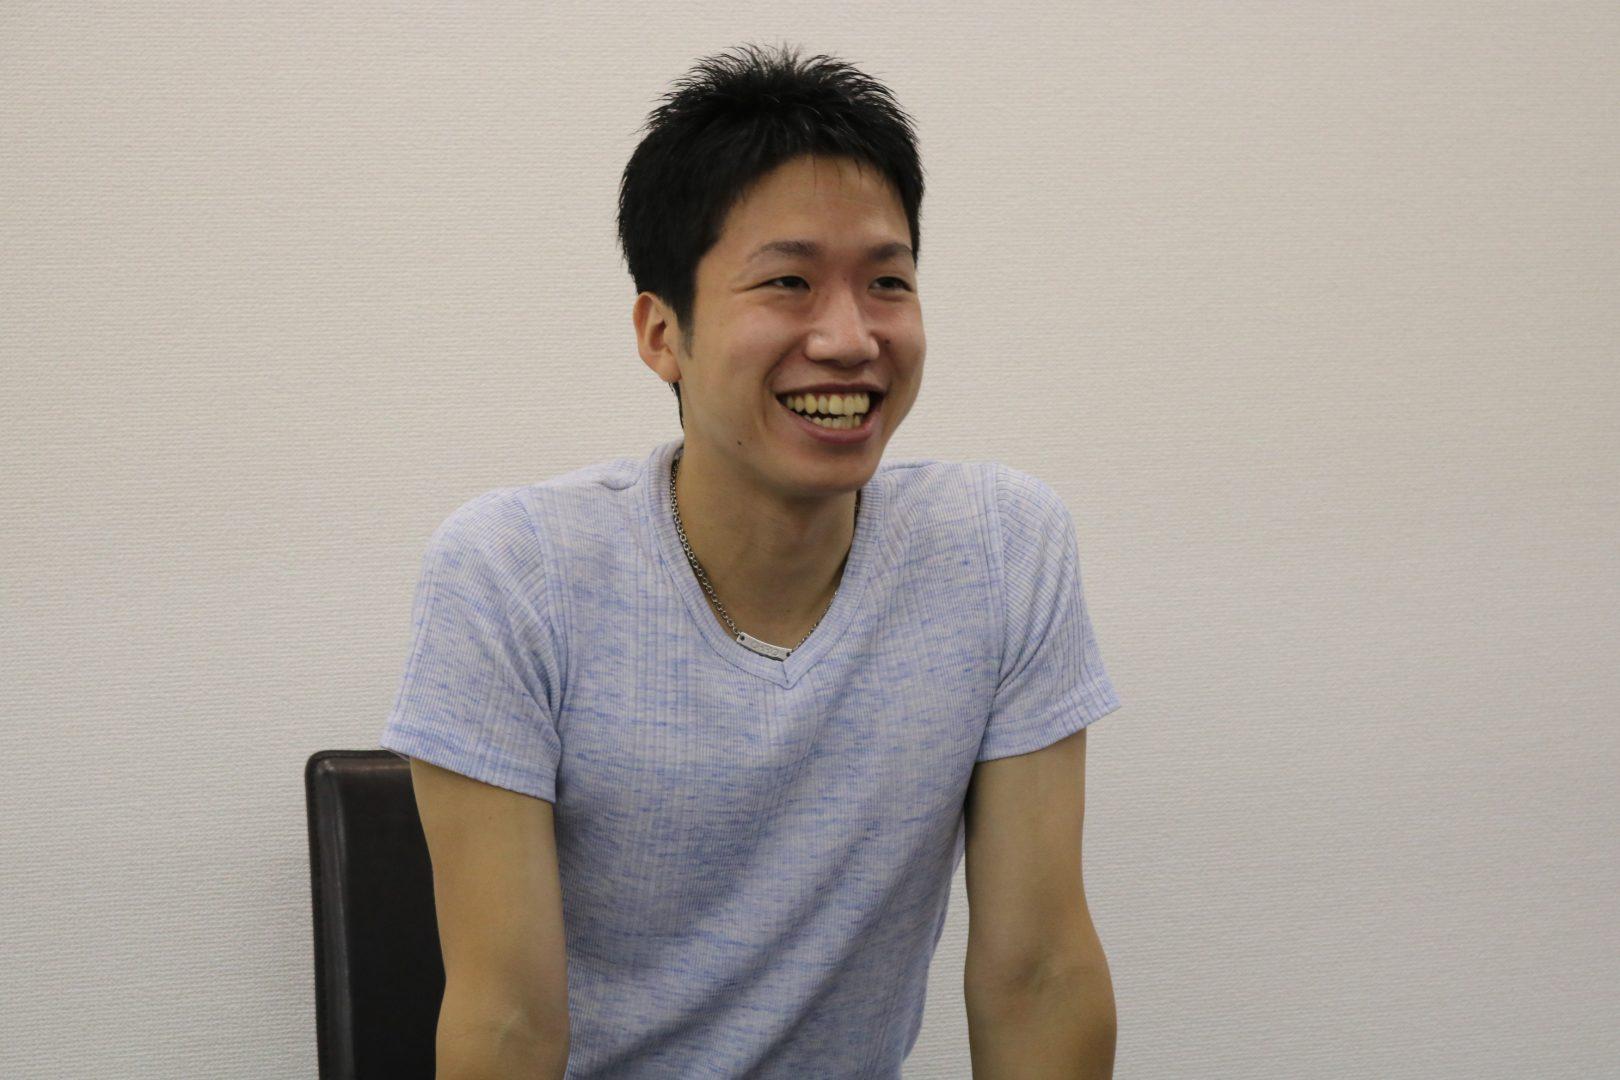 【卓球】水谷隼の発言がツイッター上で大反響 「1万時間練習してから」